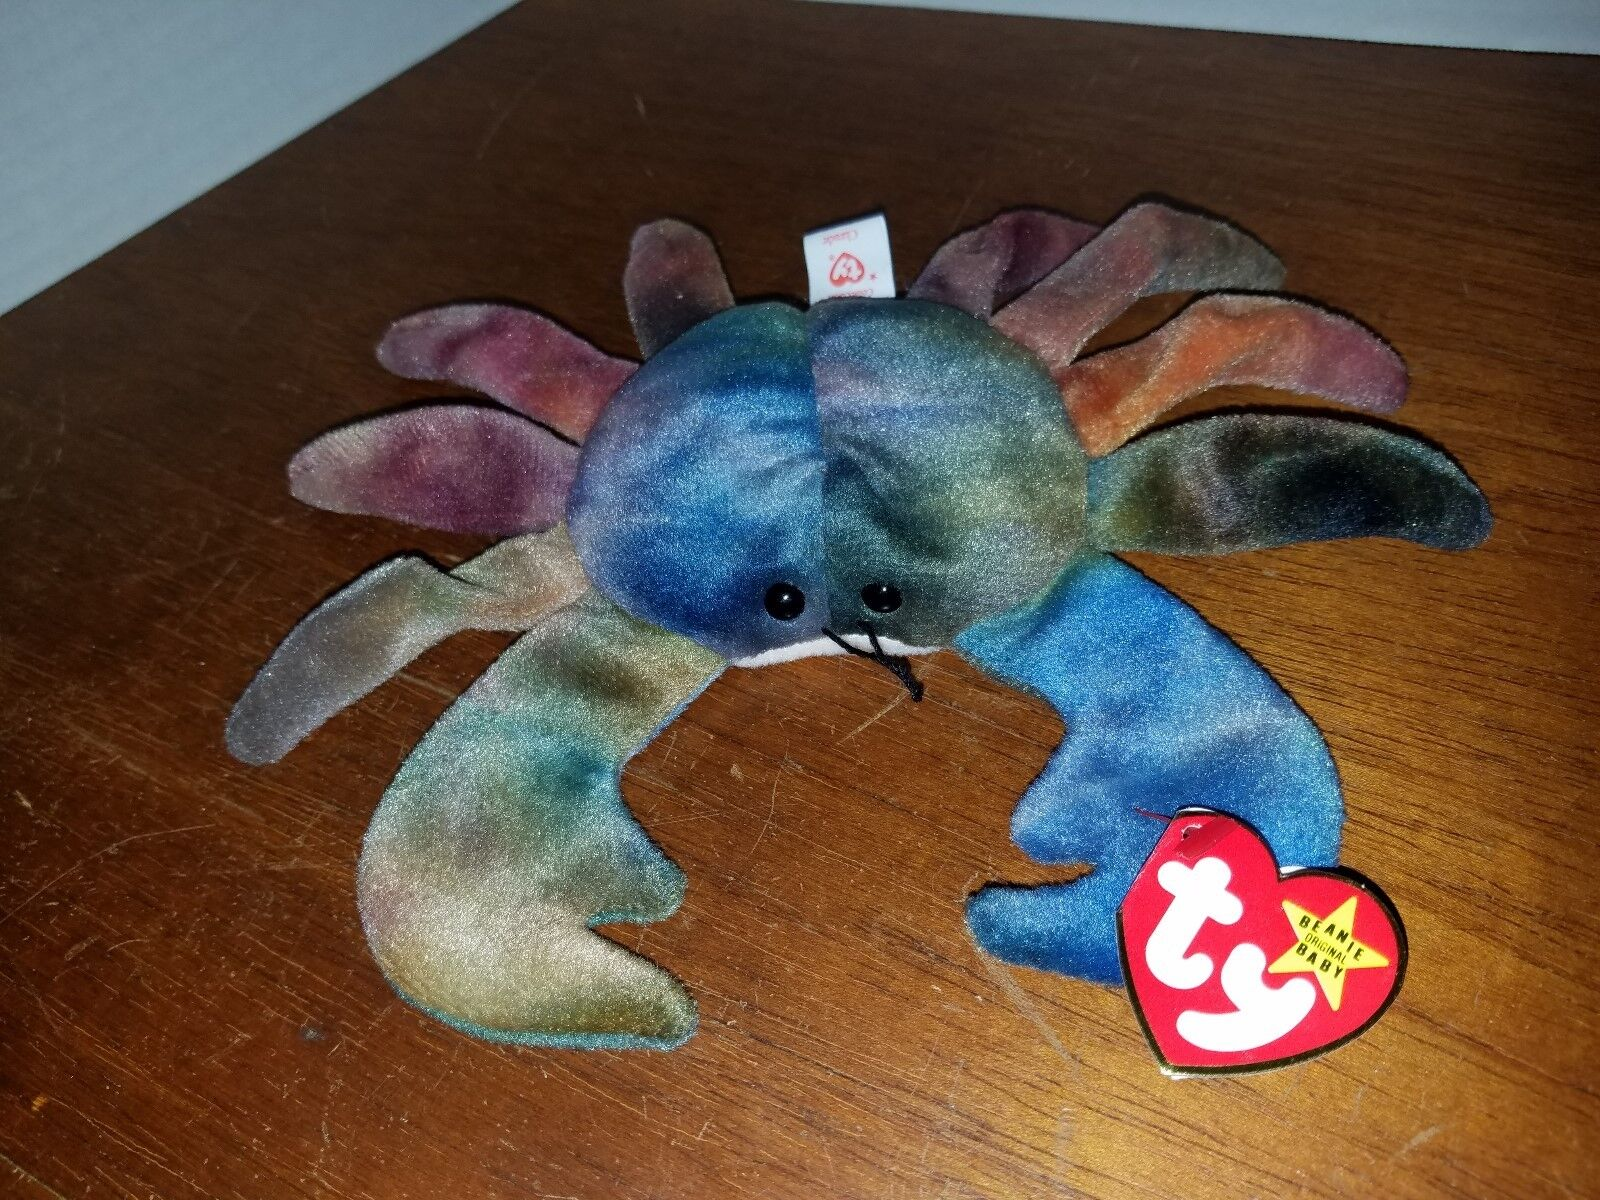 Ty beanie baby claude crab ty farbstoff im pvc - sehr selten mit fabrik - fehler